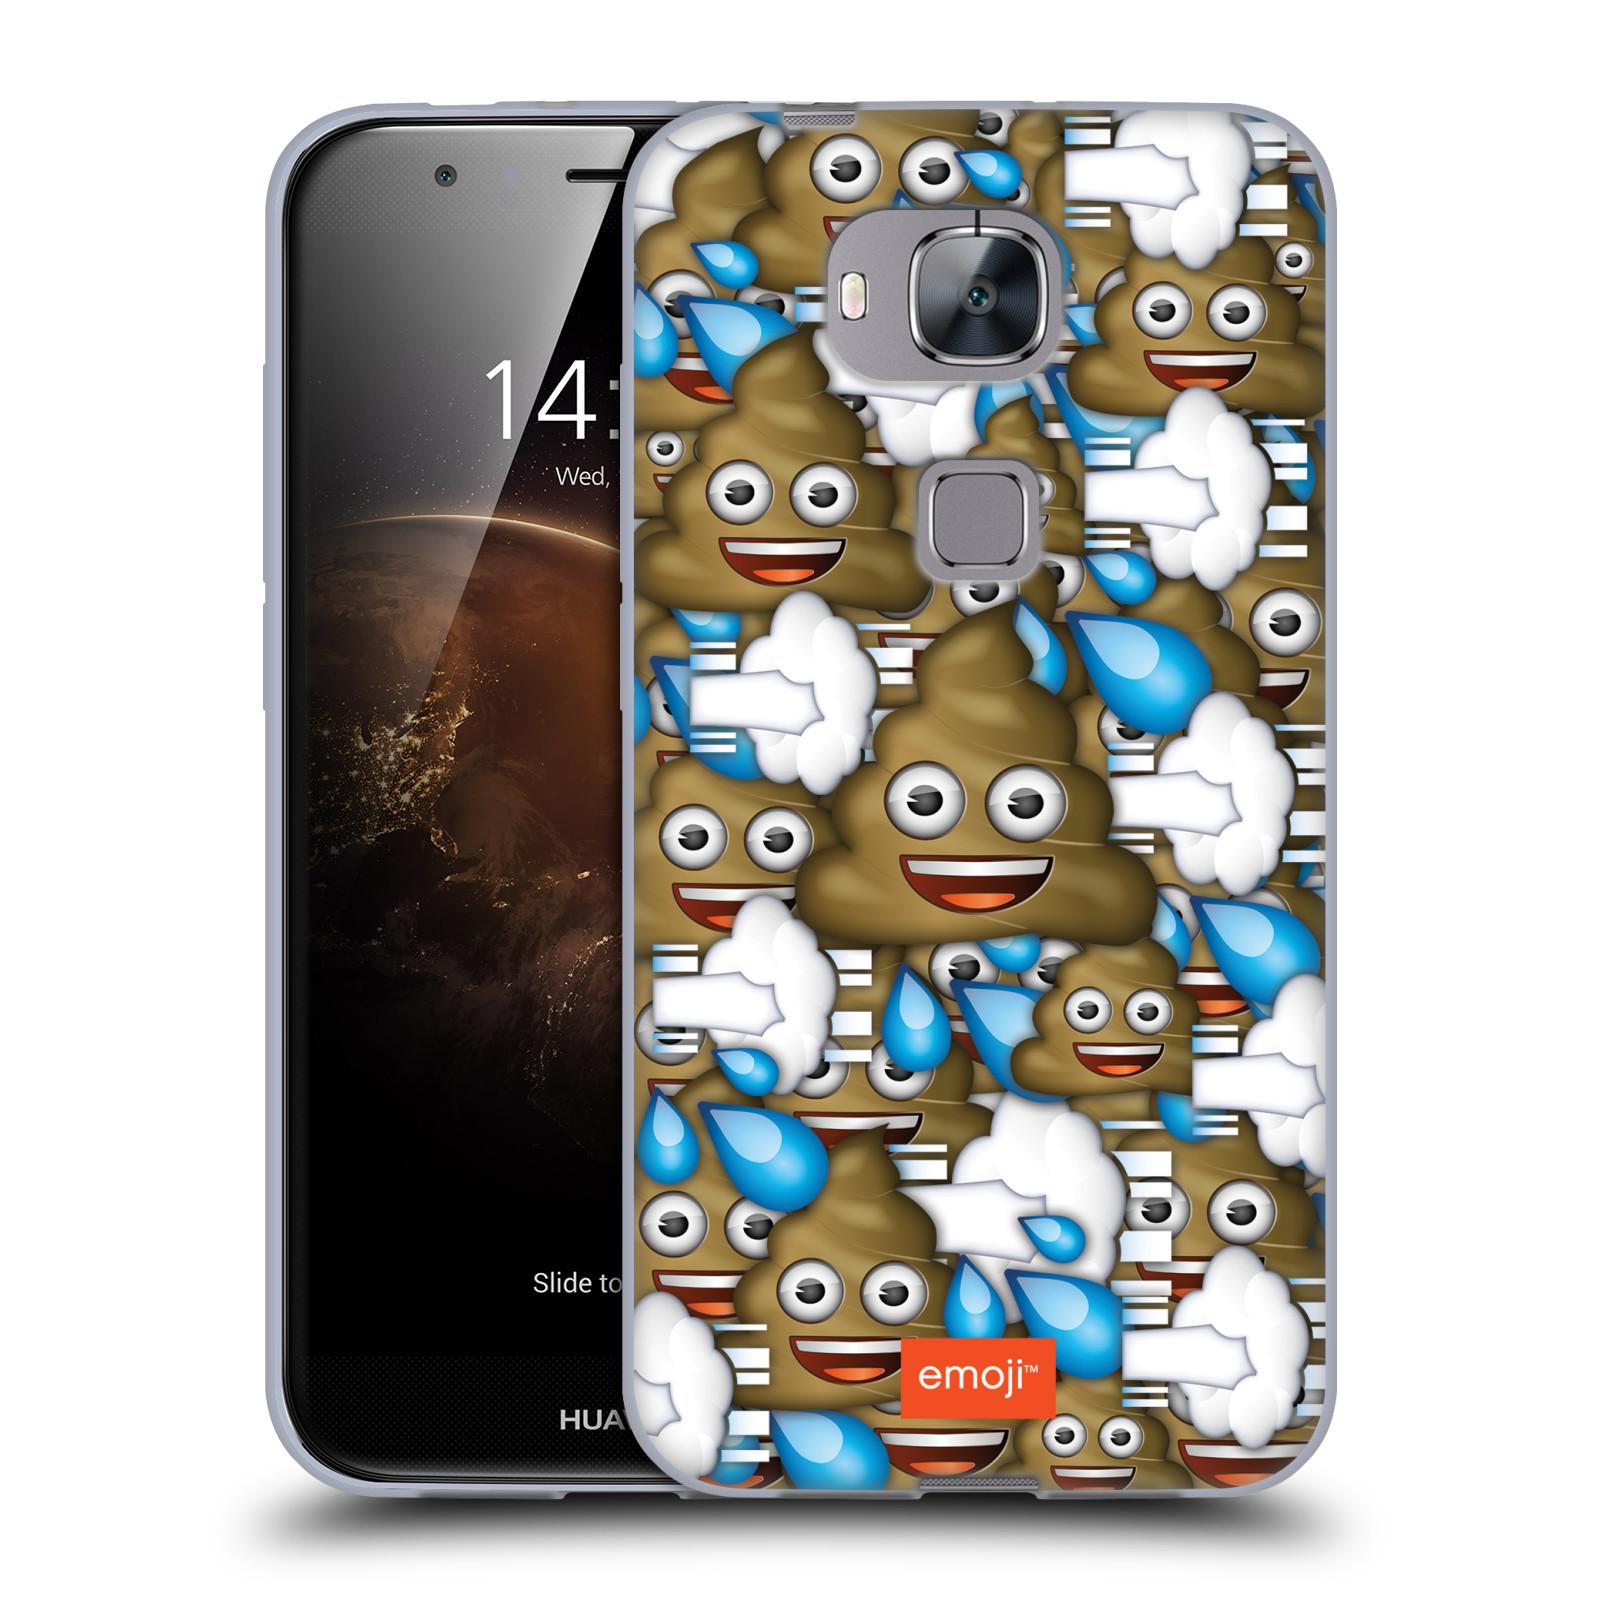 Silikonové pouzdro na mobil Huawei G8 / GX8 HEAD CASE EMOJI - Hovínka a prdíky